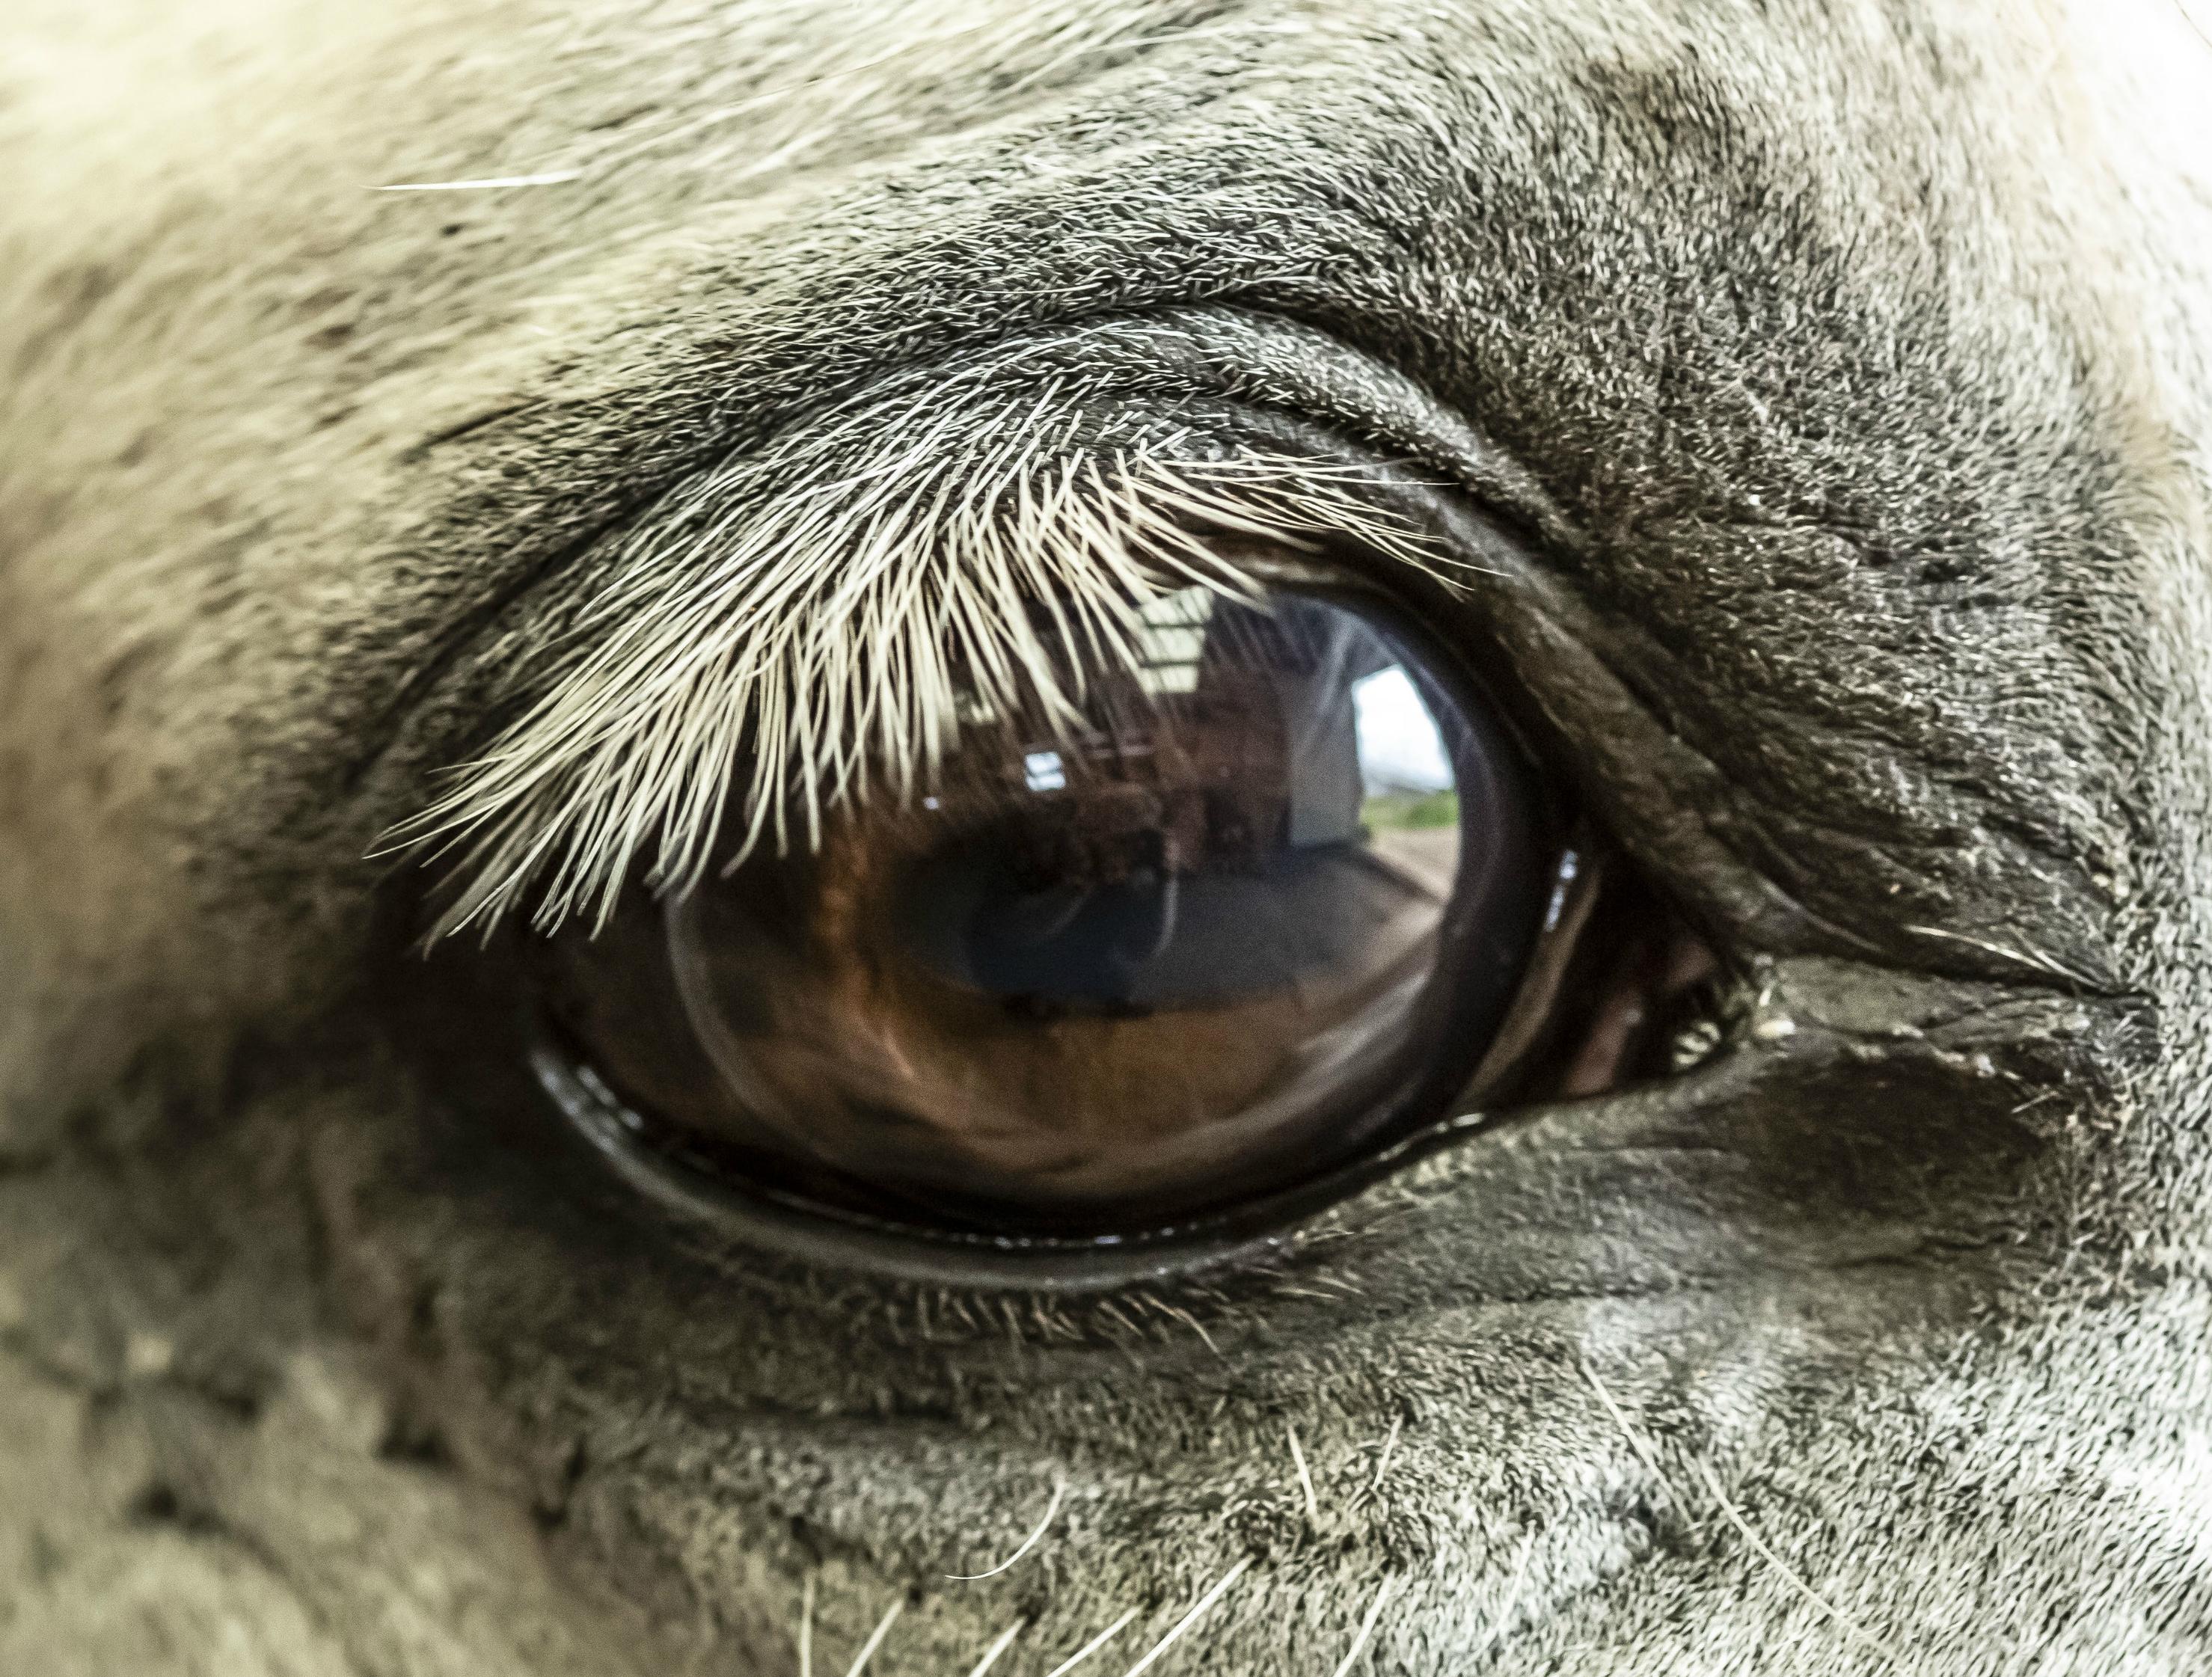 Milyen állat szeme látszik a képen?